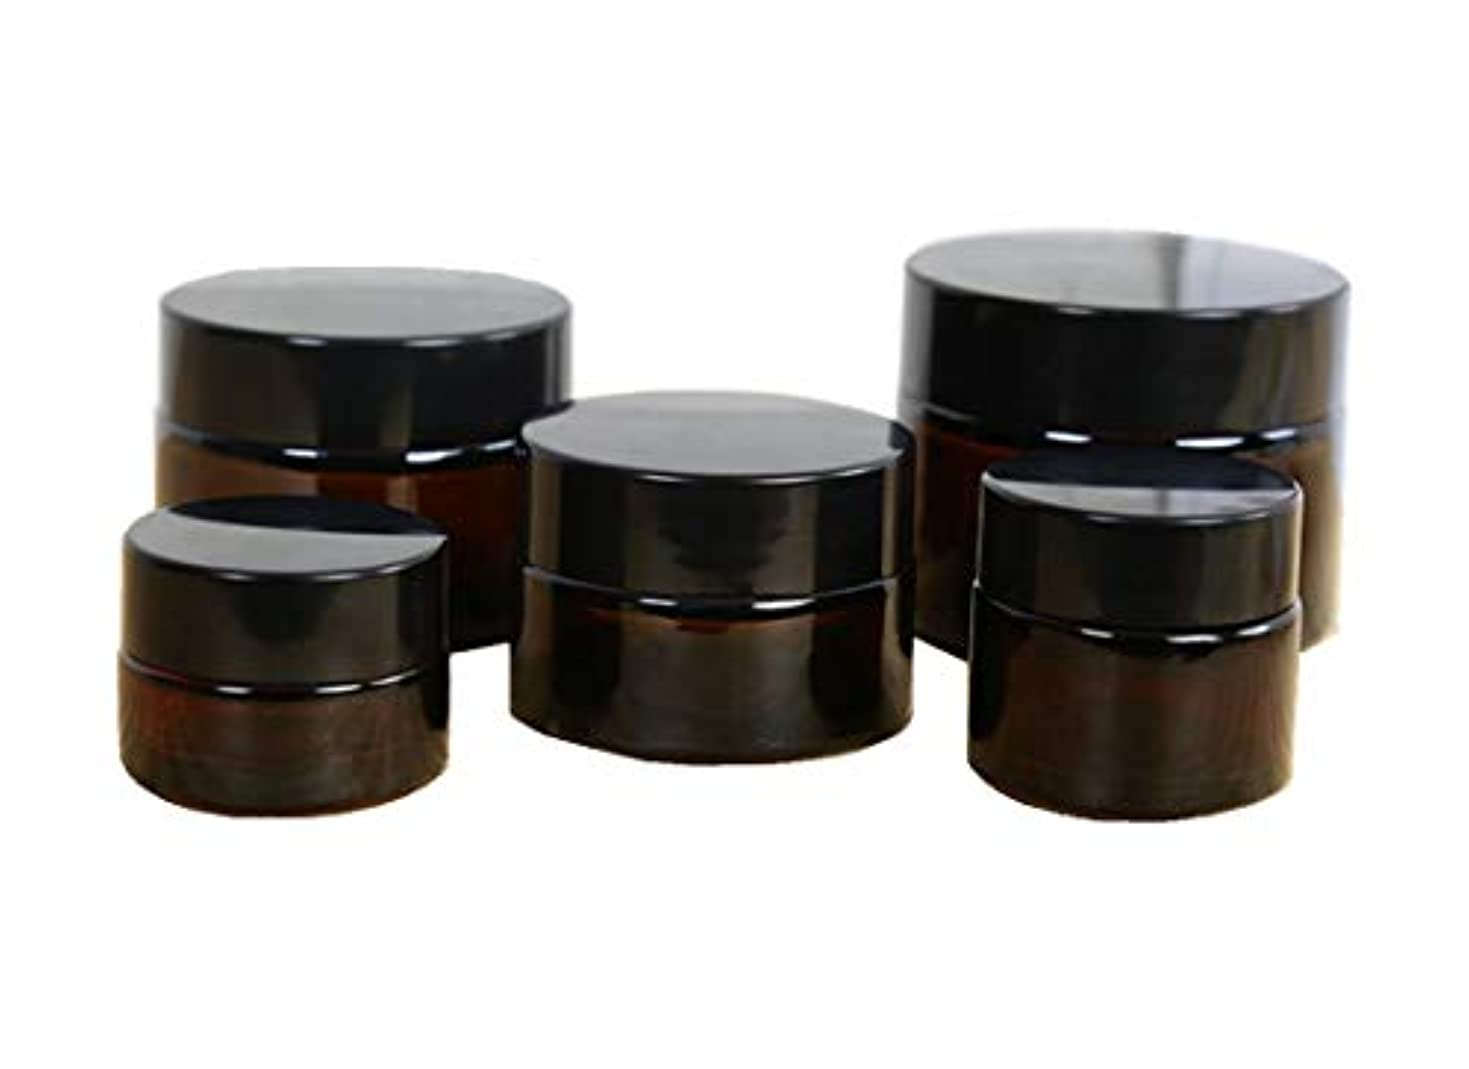 近所のアレイ閉じるクリーム容器 遮光瓶 ハンドクリーム 容器 ガラス製 ボトル 茶色 詰替え 保存用 10g/20g/30g/50g/100g 5個セット